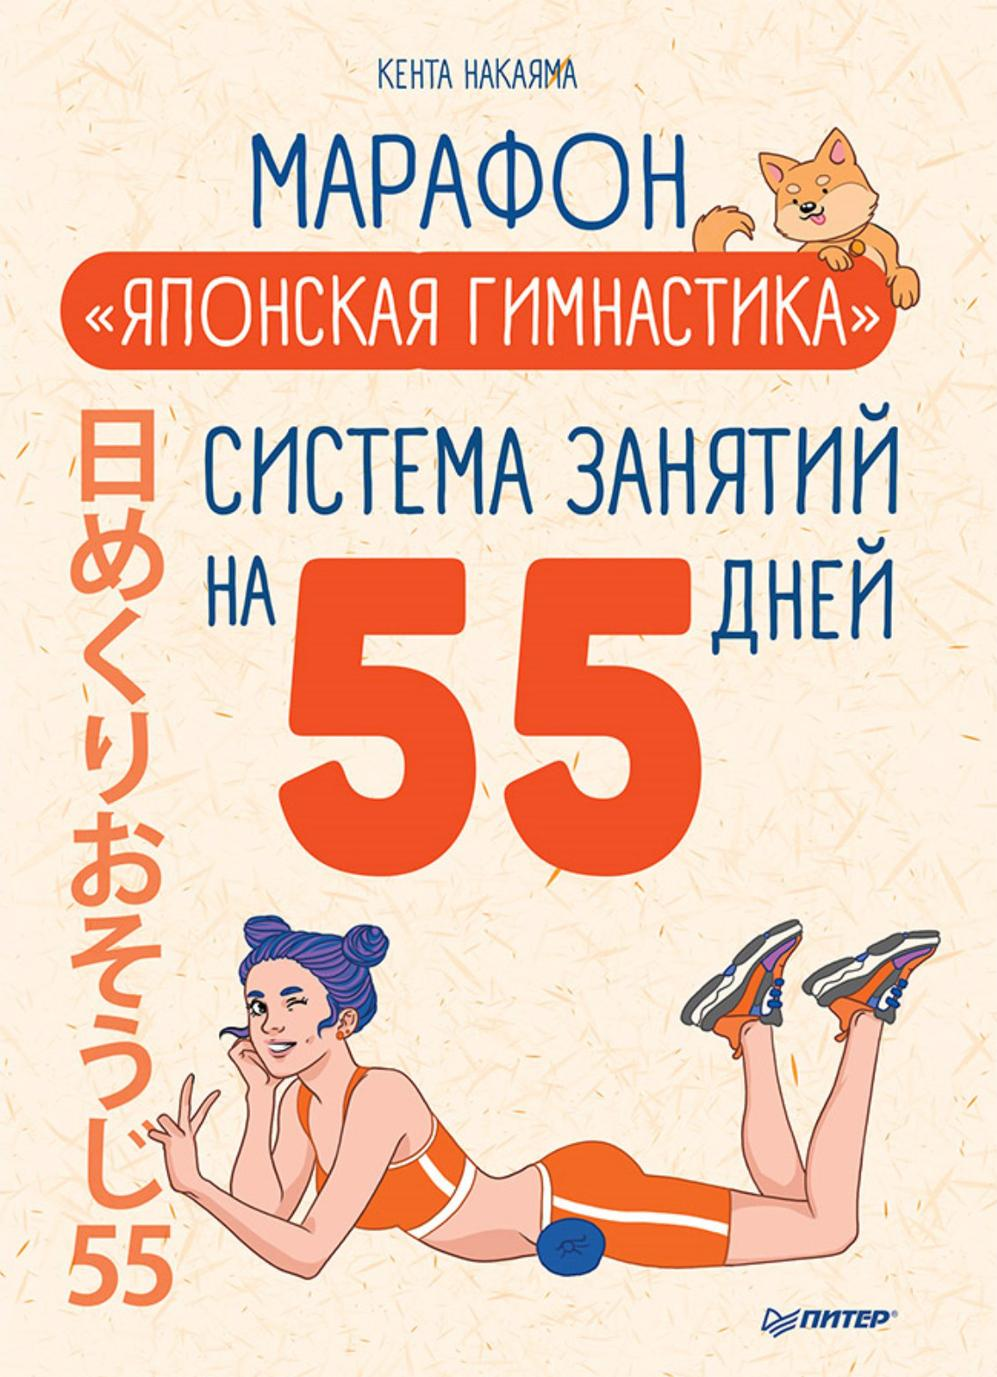 """Marafon """"Japonskaja gimnastika"""". Sistema zanjatij na 55 dnej"""